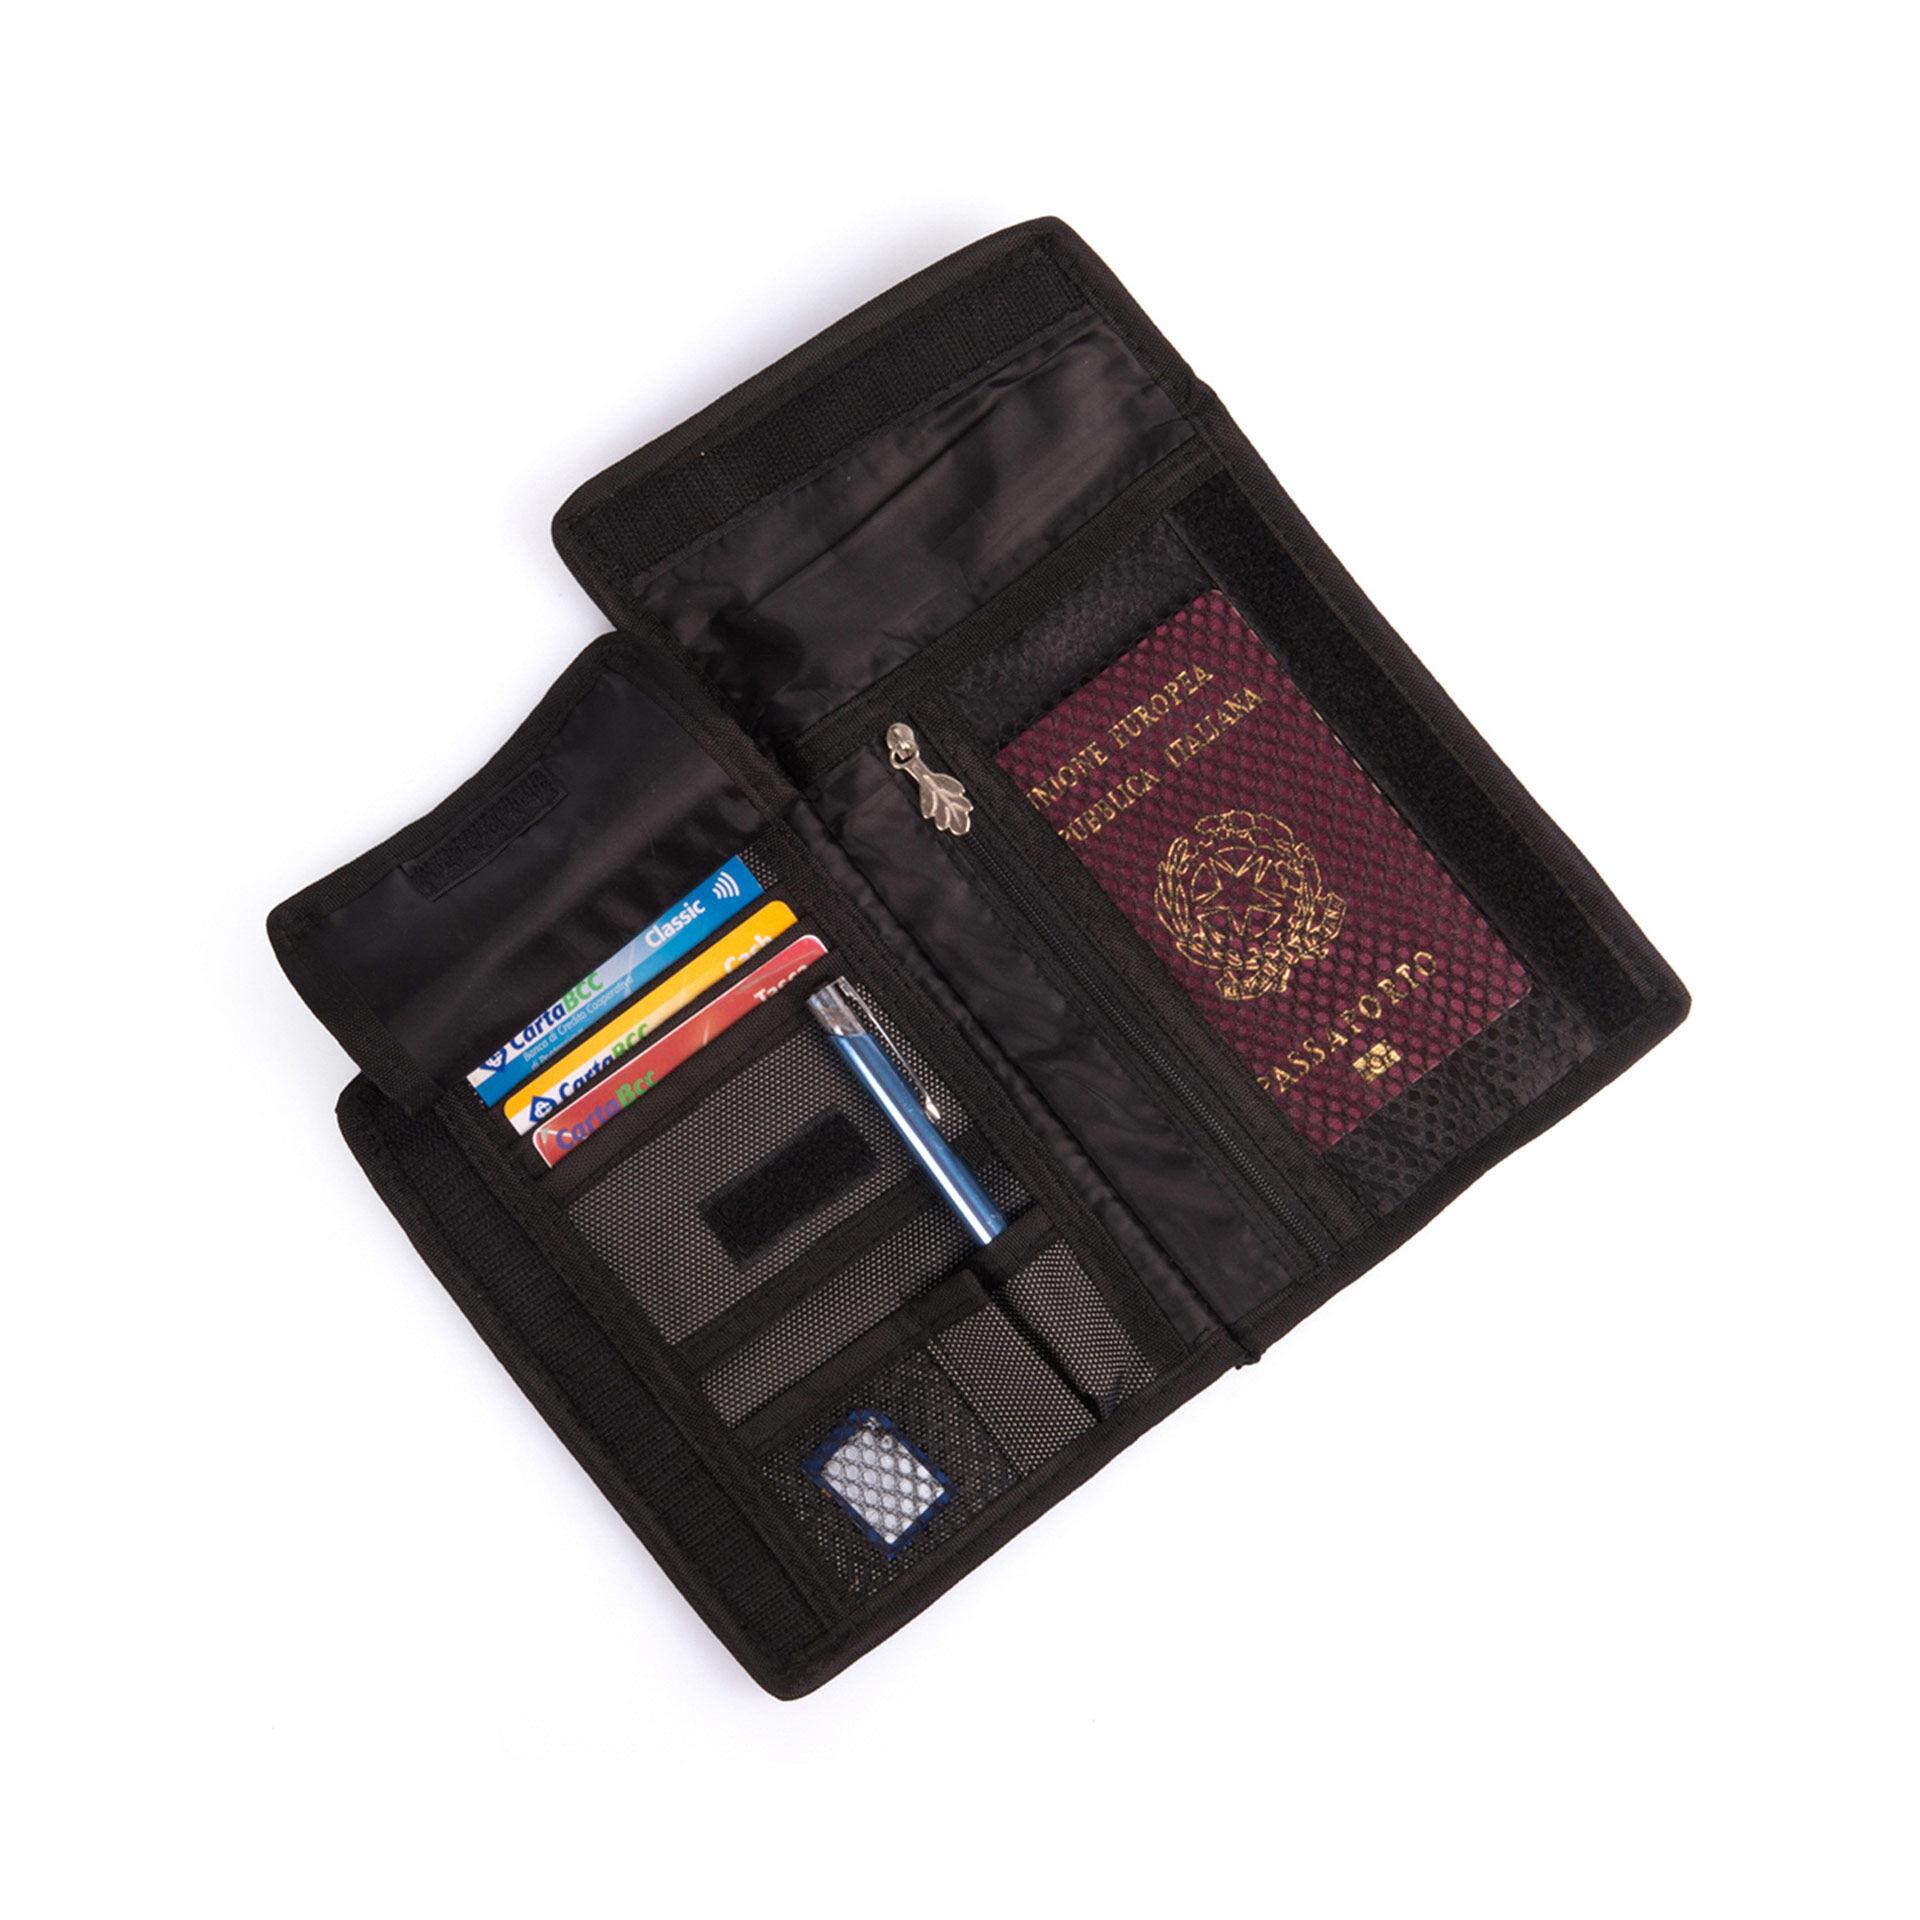 Sac porte-documents de voyage avec protection RFID, , large